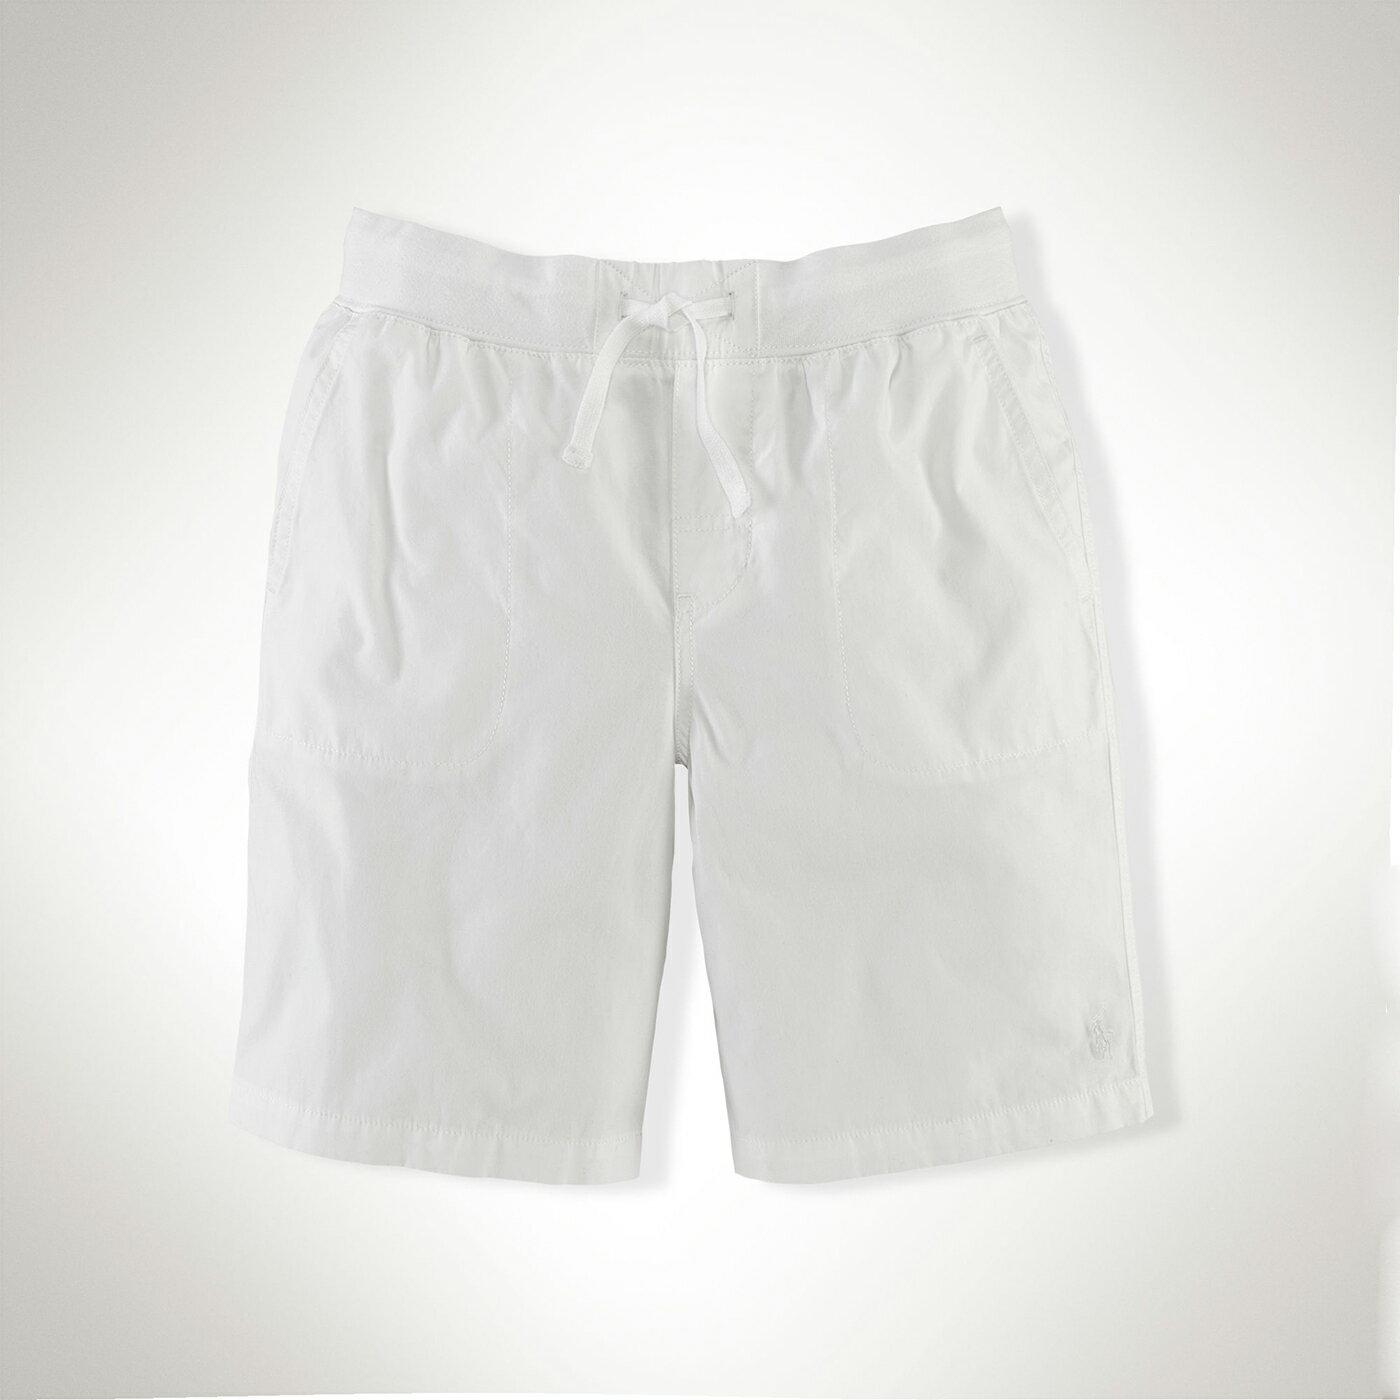 美國百分百【Ralph Lauren】棉褲 短褲 休閒褲 褲子 Polo 運動 抽繩 RL 小馬 男 白色 S F425